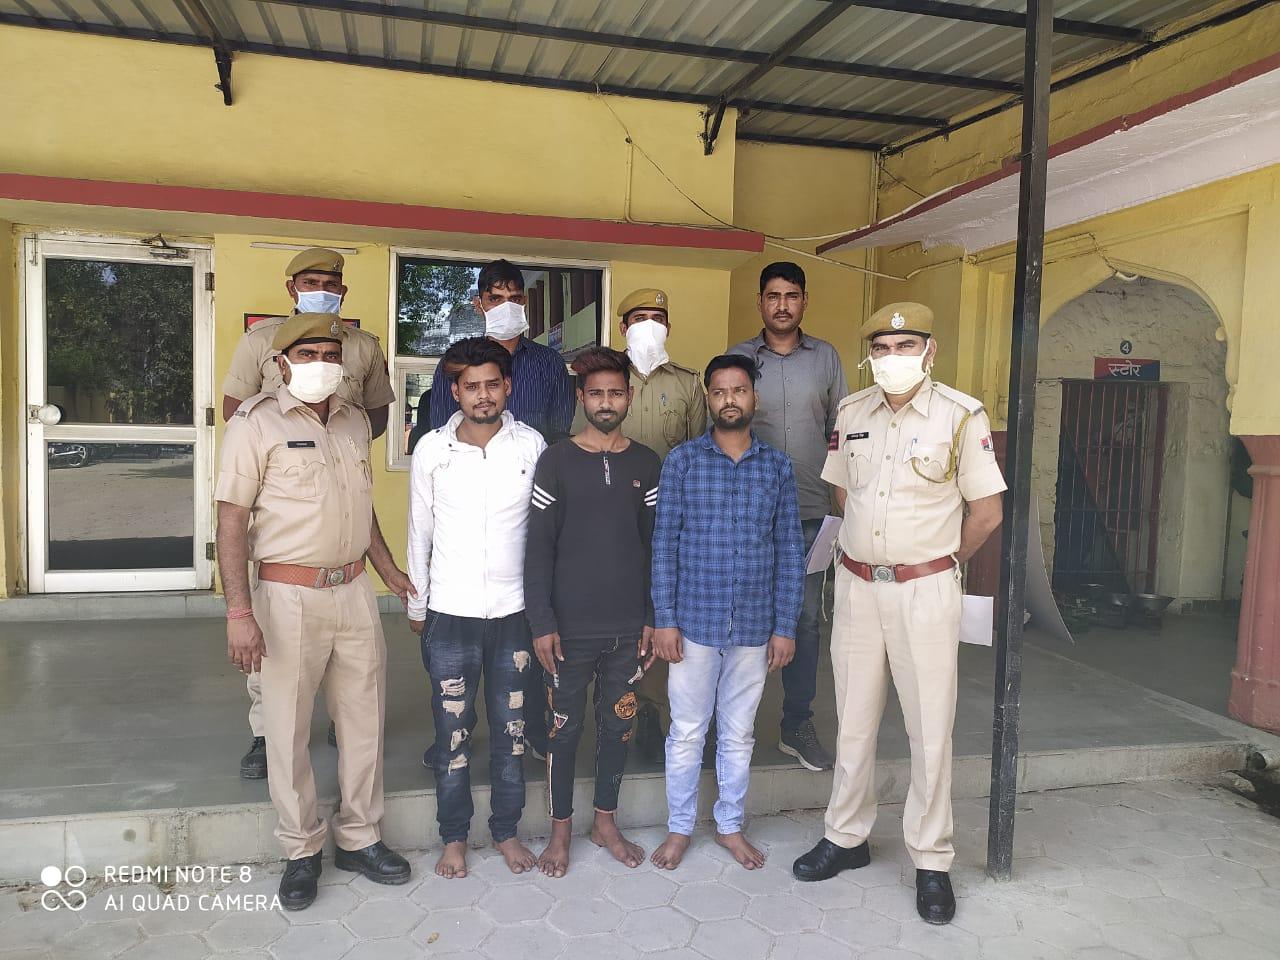 लाॅकडाउन में जुआ खेलते भीमगंज मंडी पुलिस ने 3 जने किये गिरफ्तार